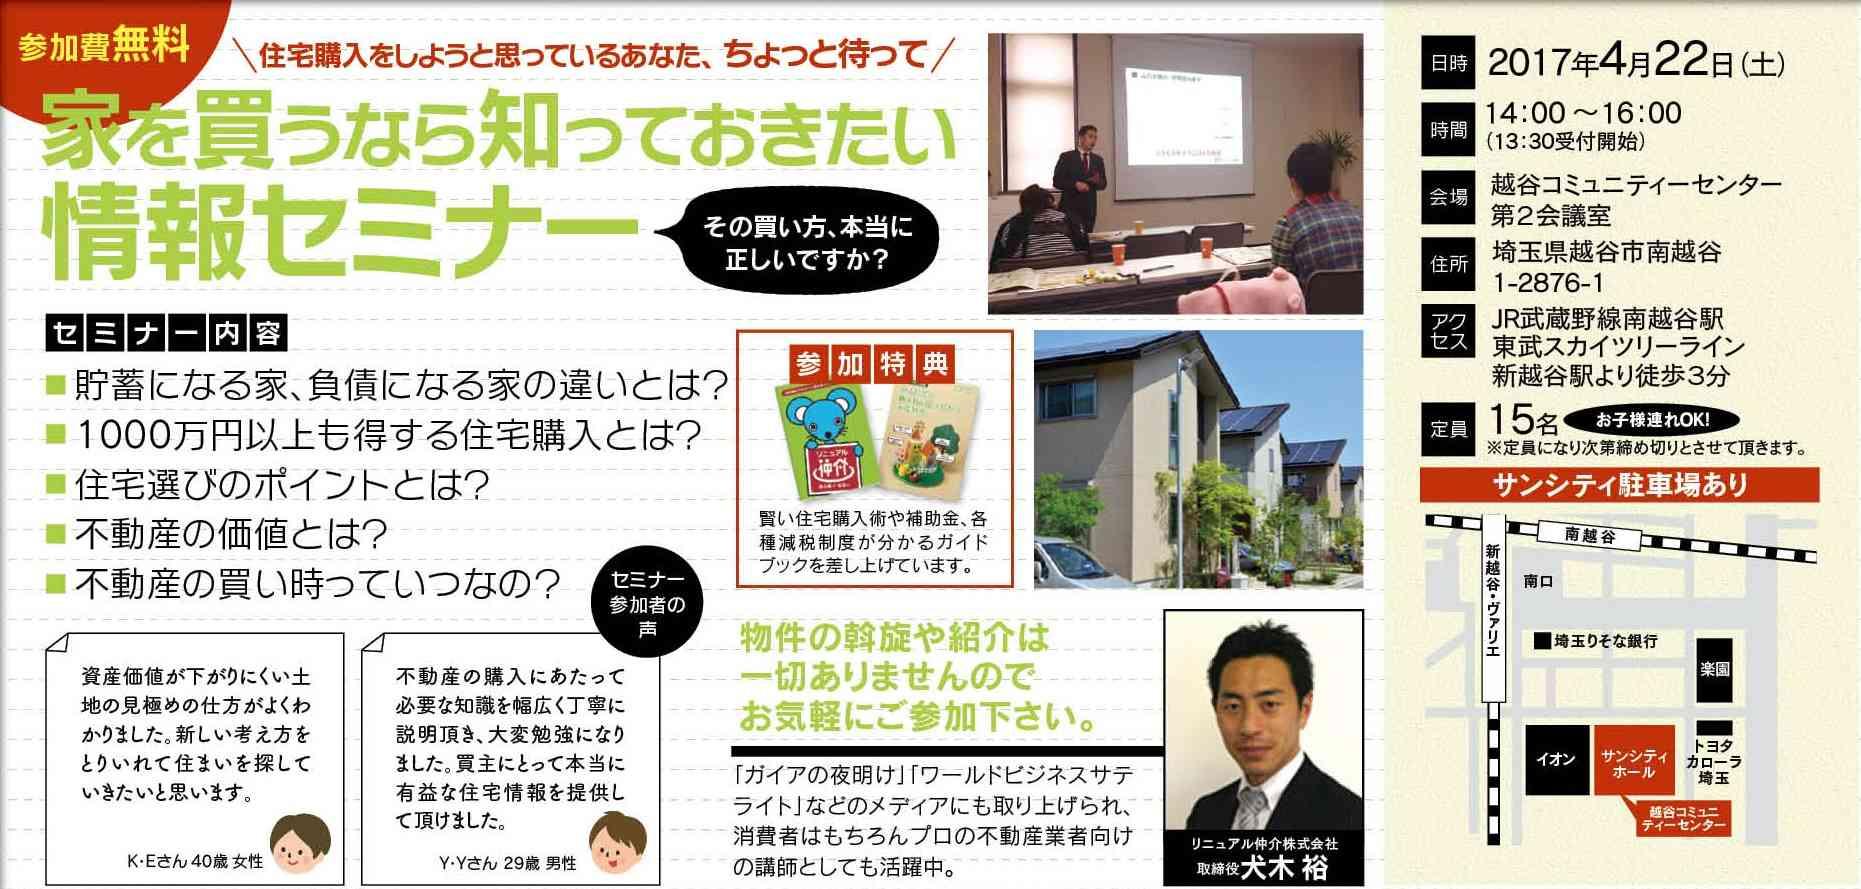 「家を買うなら知っておきたい情報セミナー」ご参加無料!定員15名様